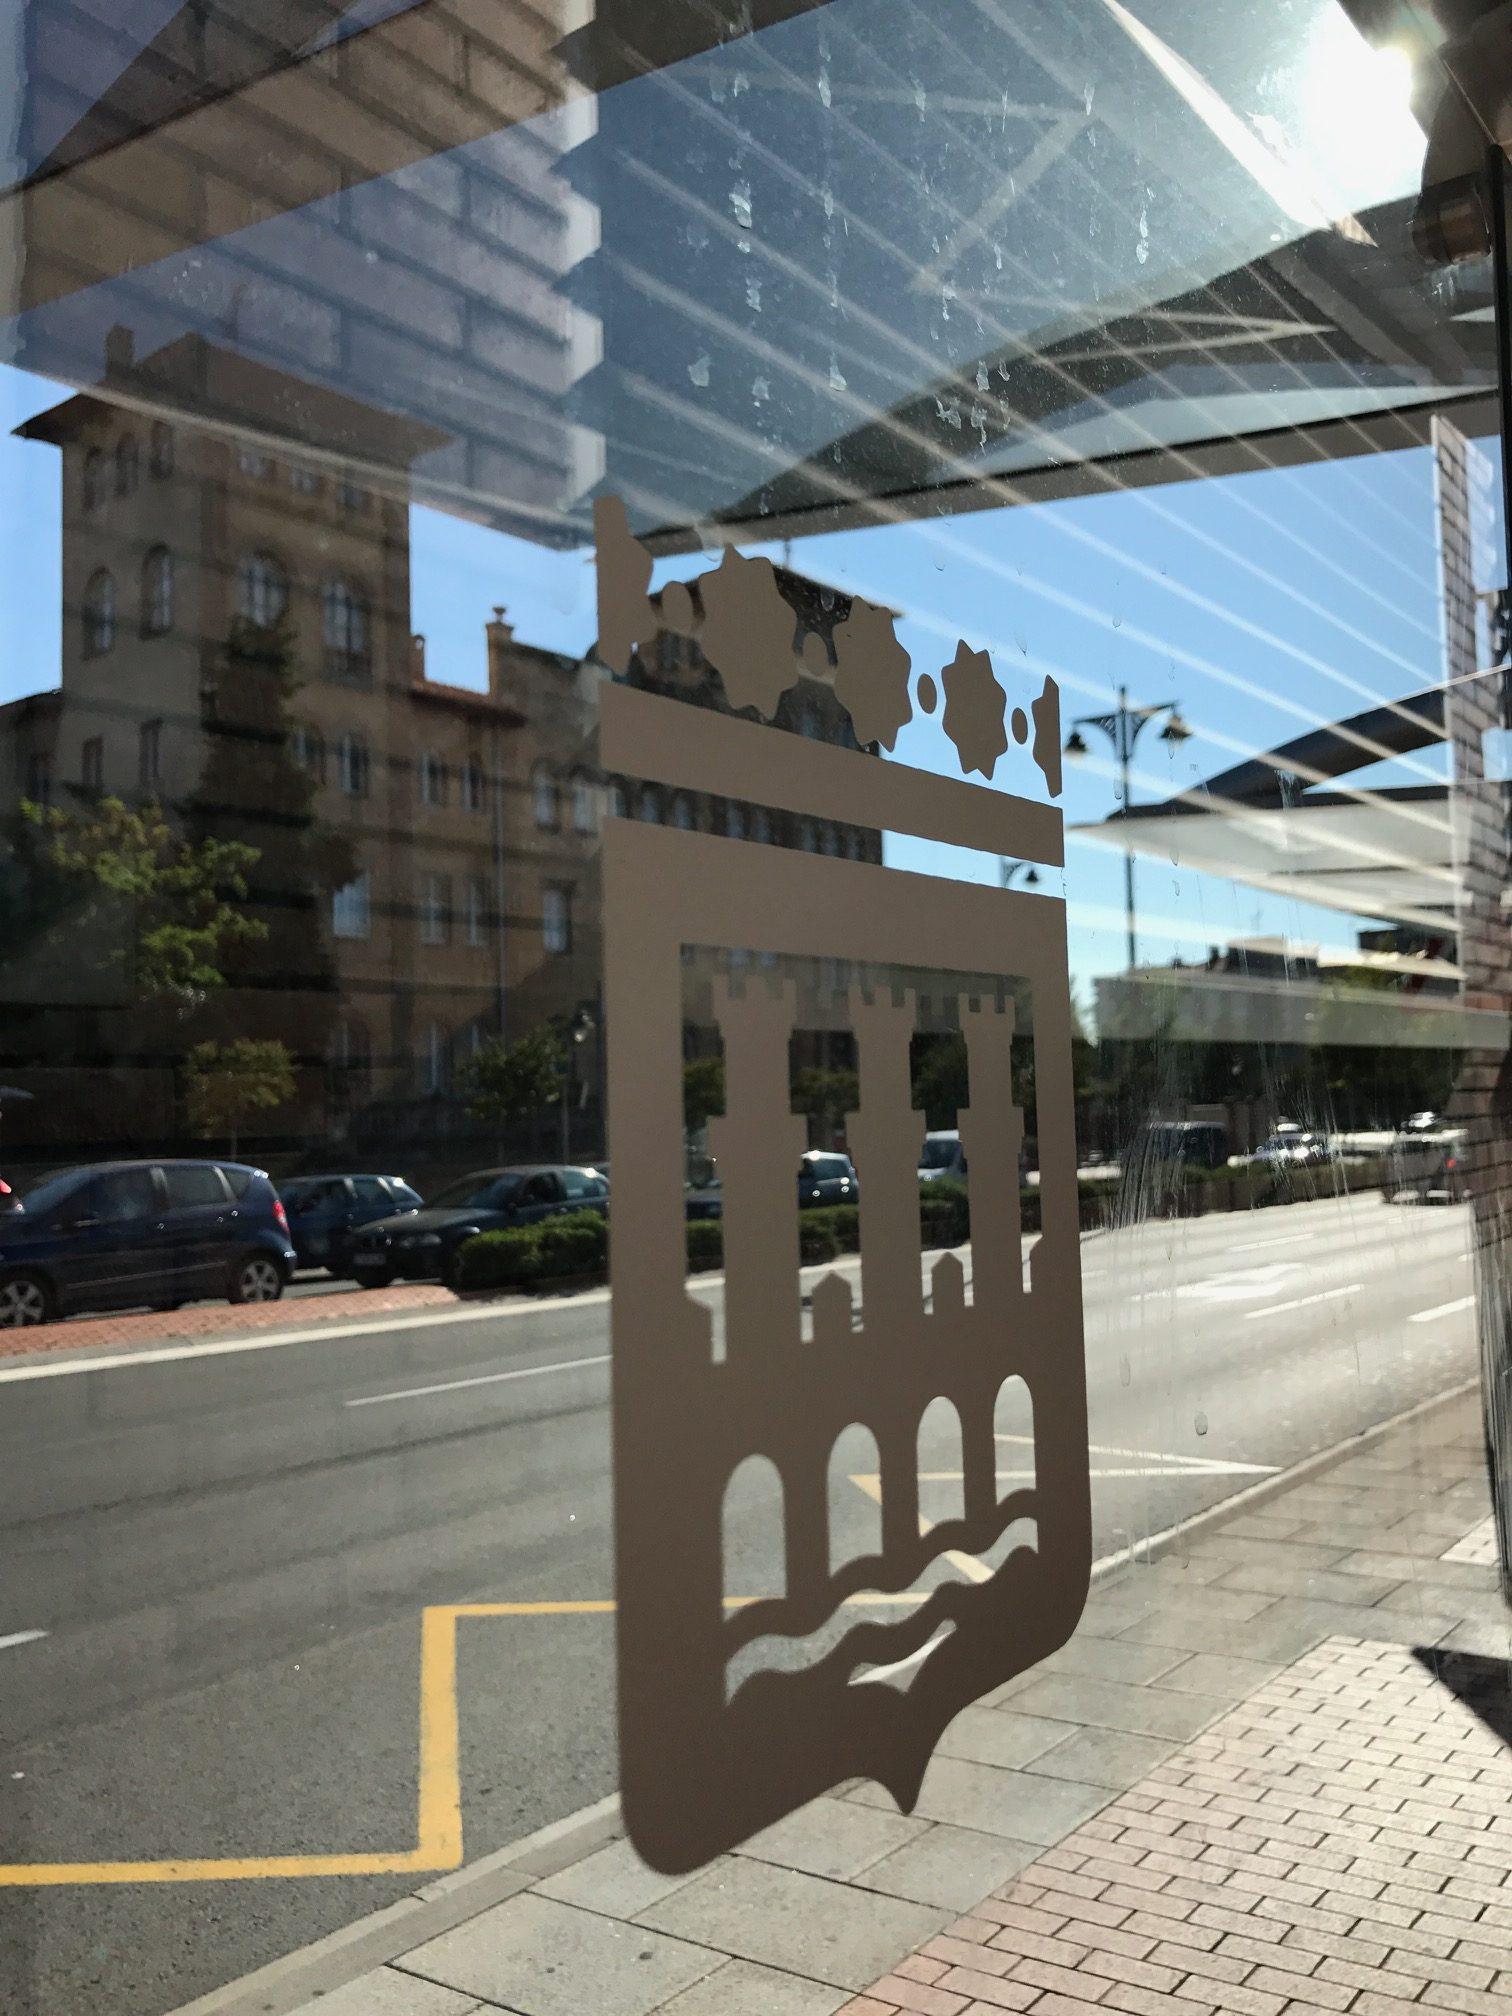 Photo of Sigue creciendo la población en Logroño que ya cuenta con 152.727 residentes